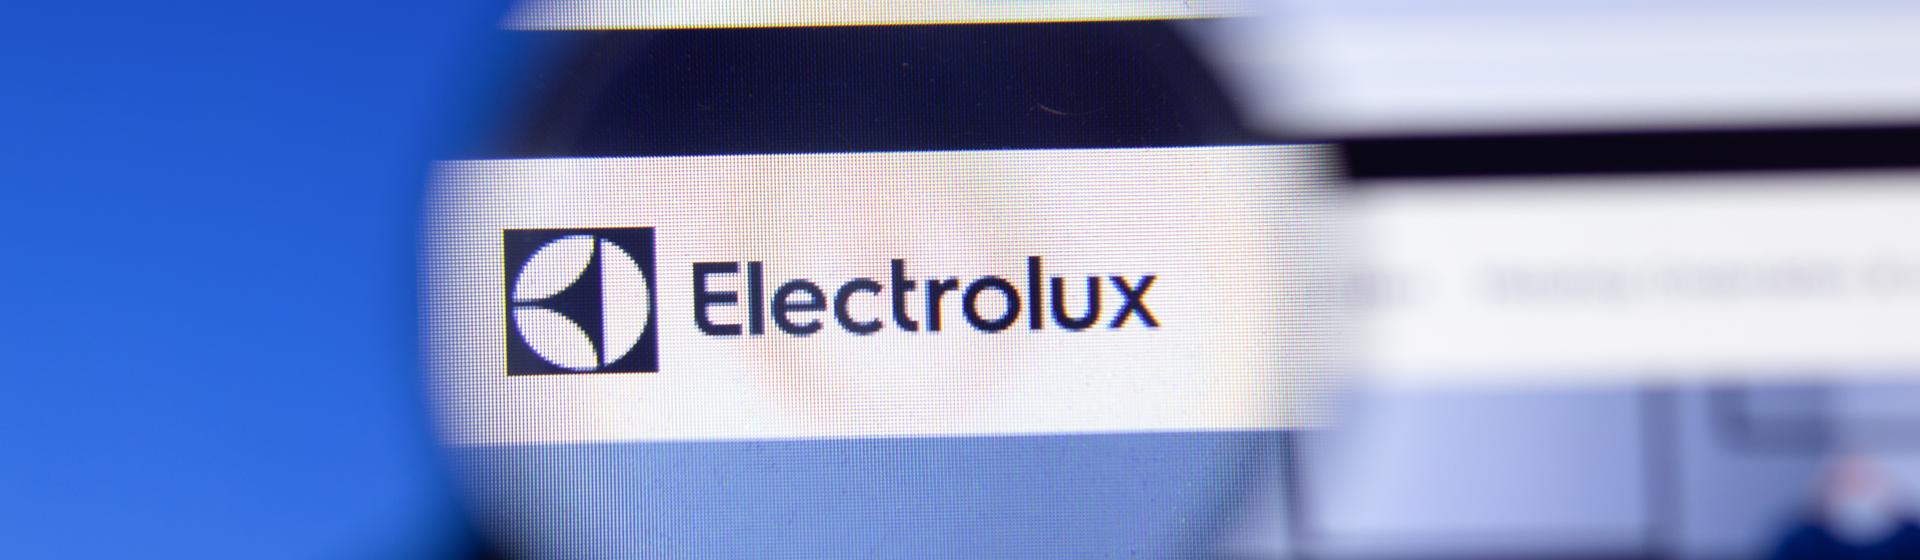 Geladeira Electrolux RE31 é boa? Análise da ficha técnica e preço